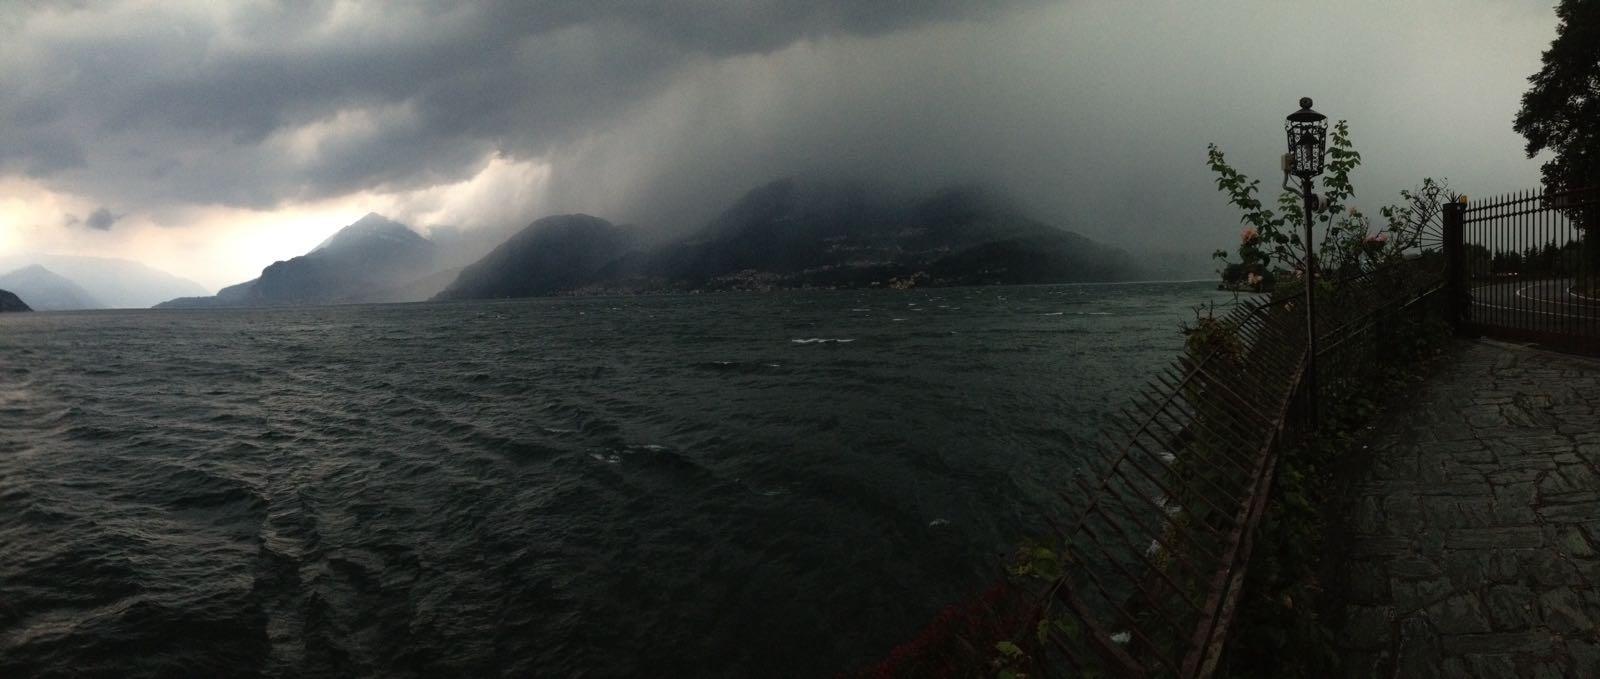 Allerta meteo vento forte domani vigilia di natale - Meteo bagno di romagna domani ...